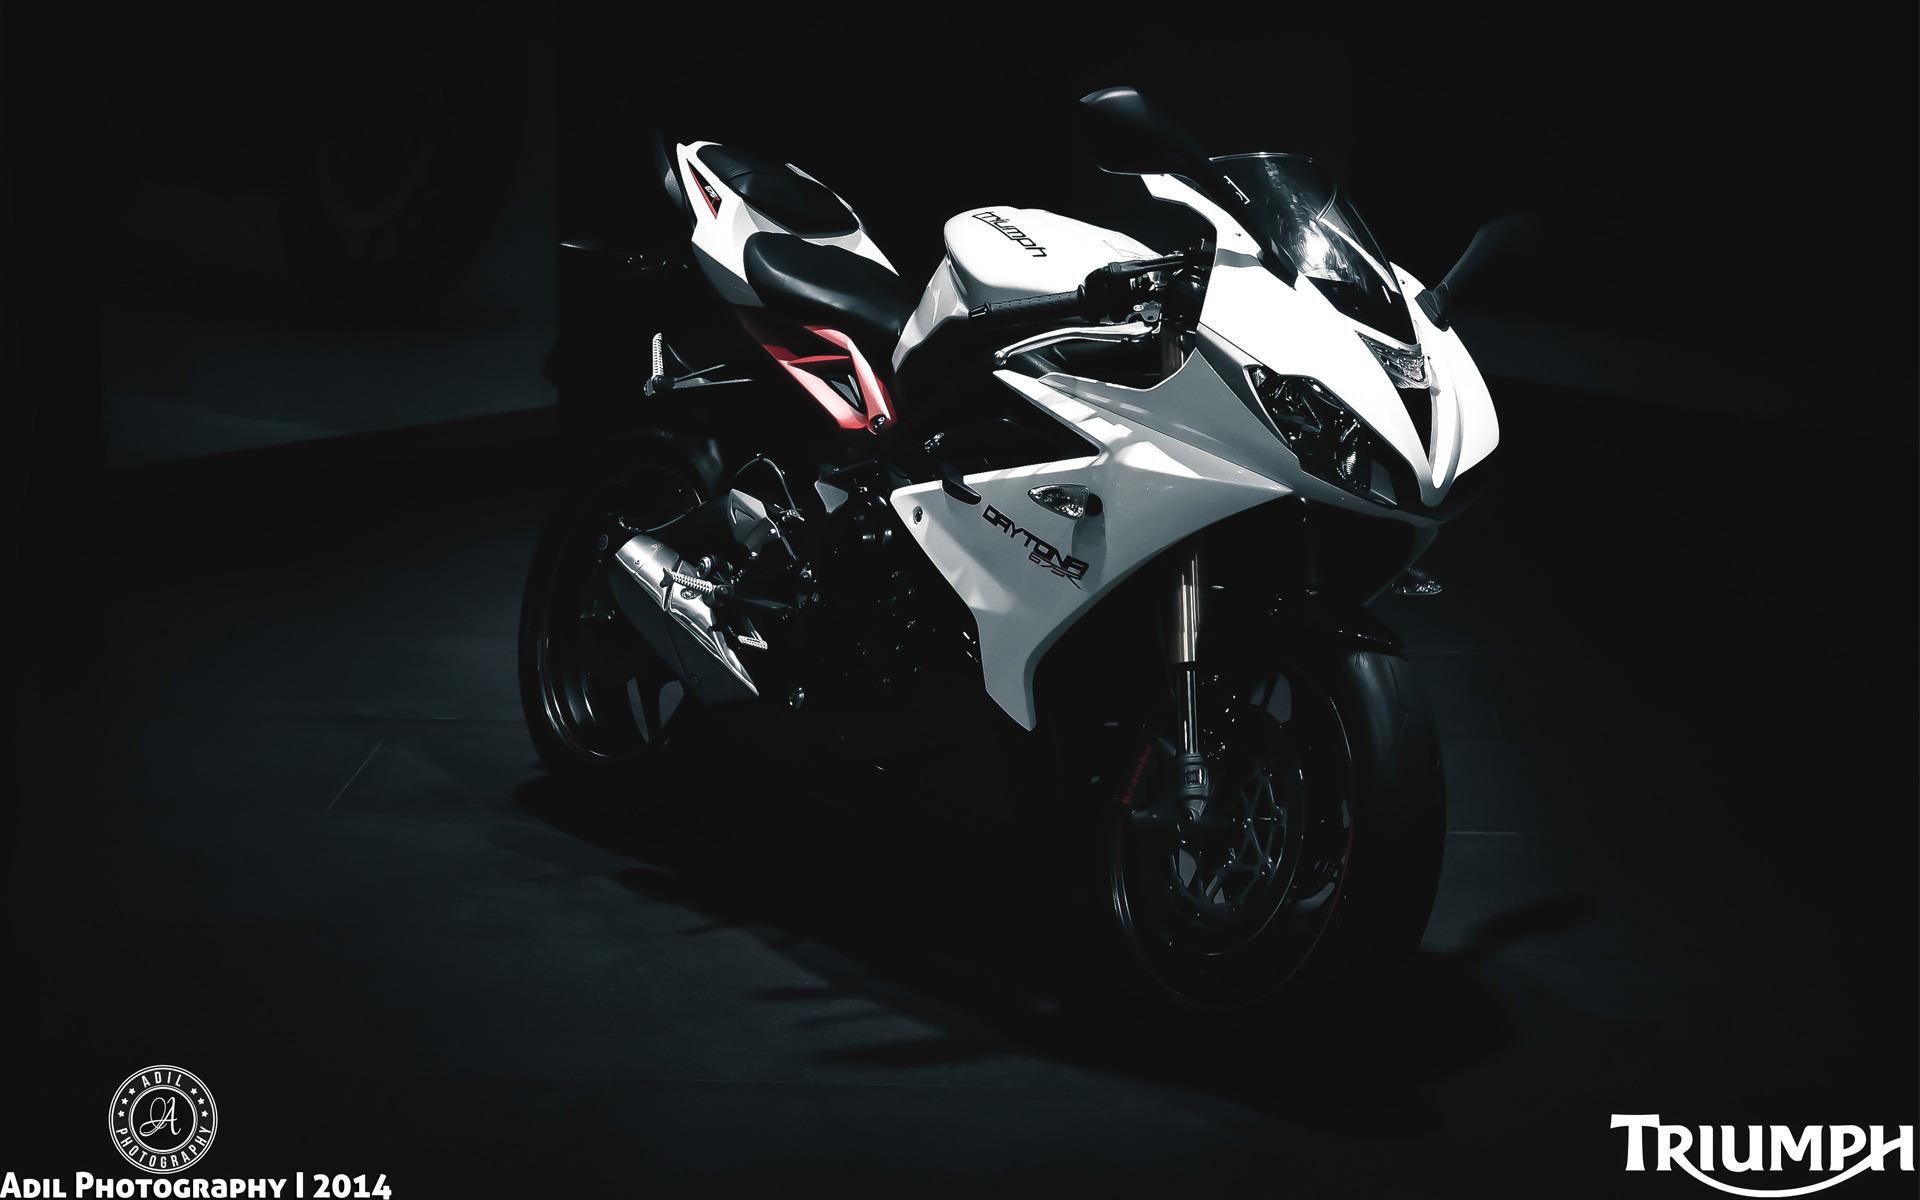 triumph daytona 675r motorcycle hd wallpaper 1920x1200 10748 1920x1200